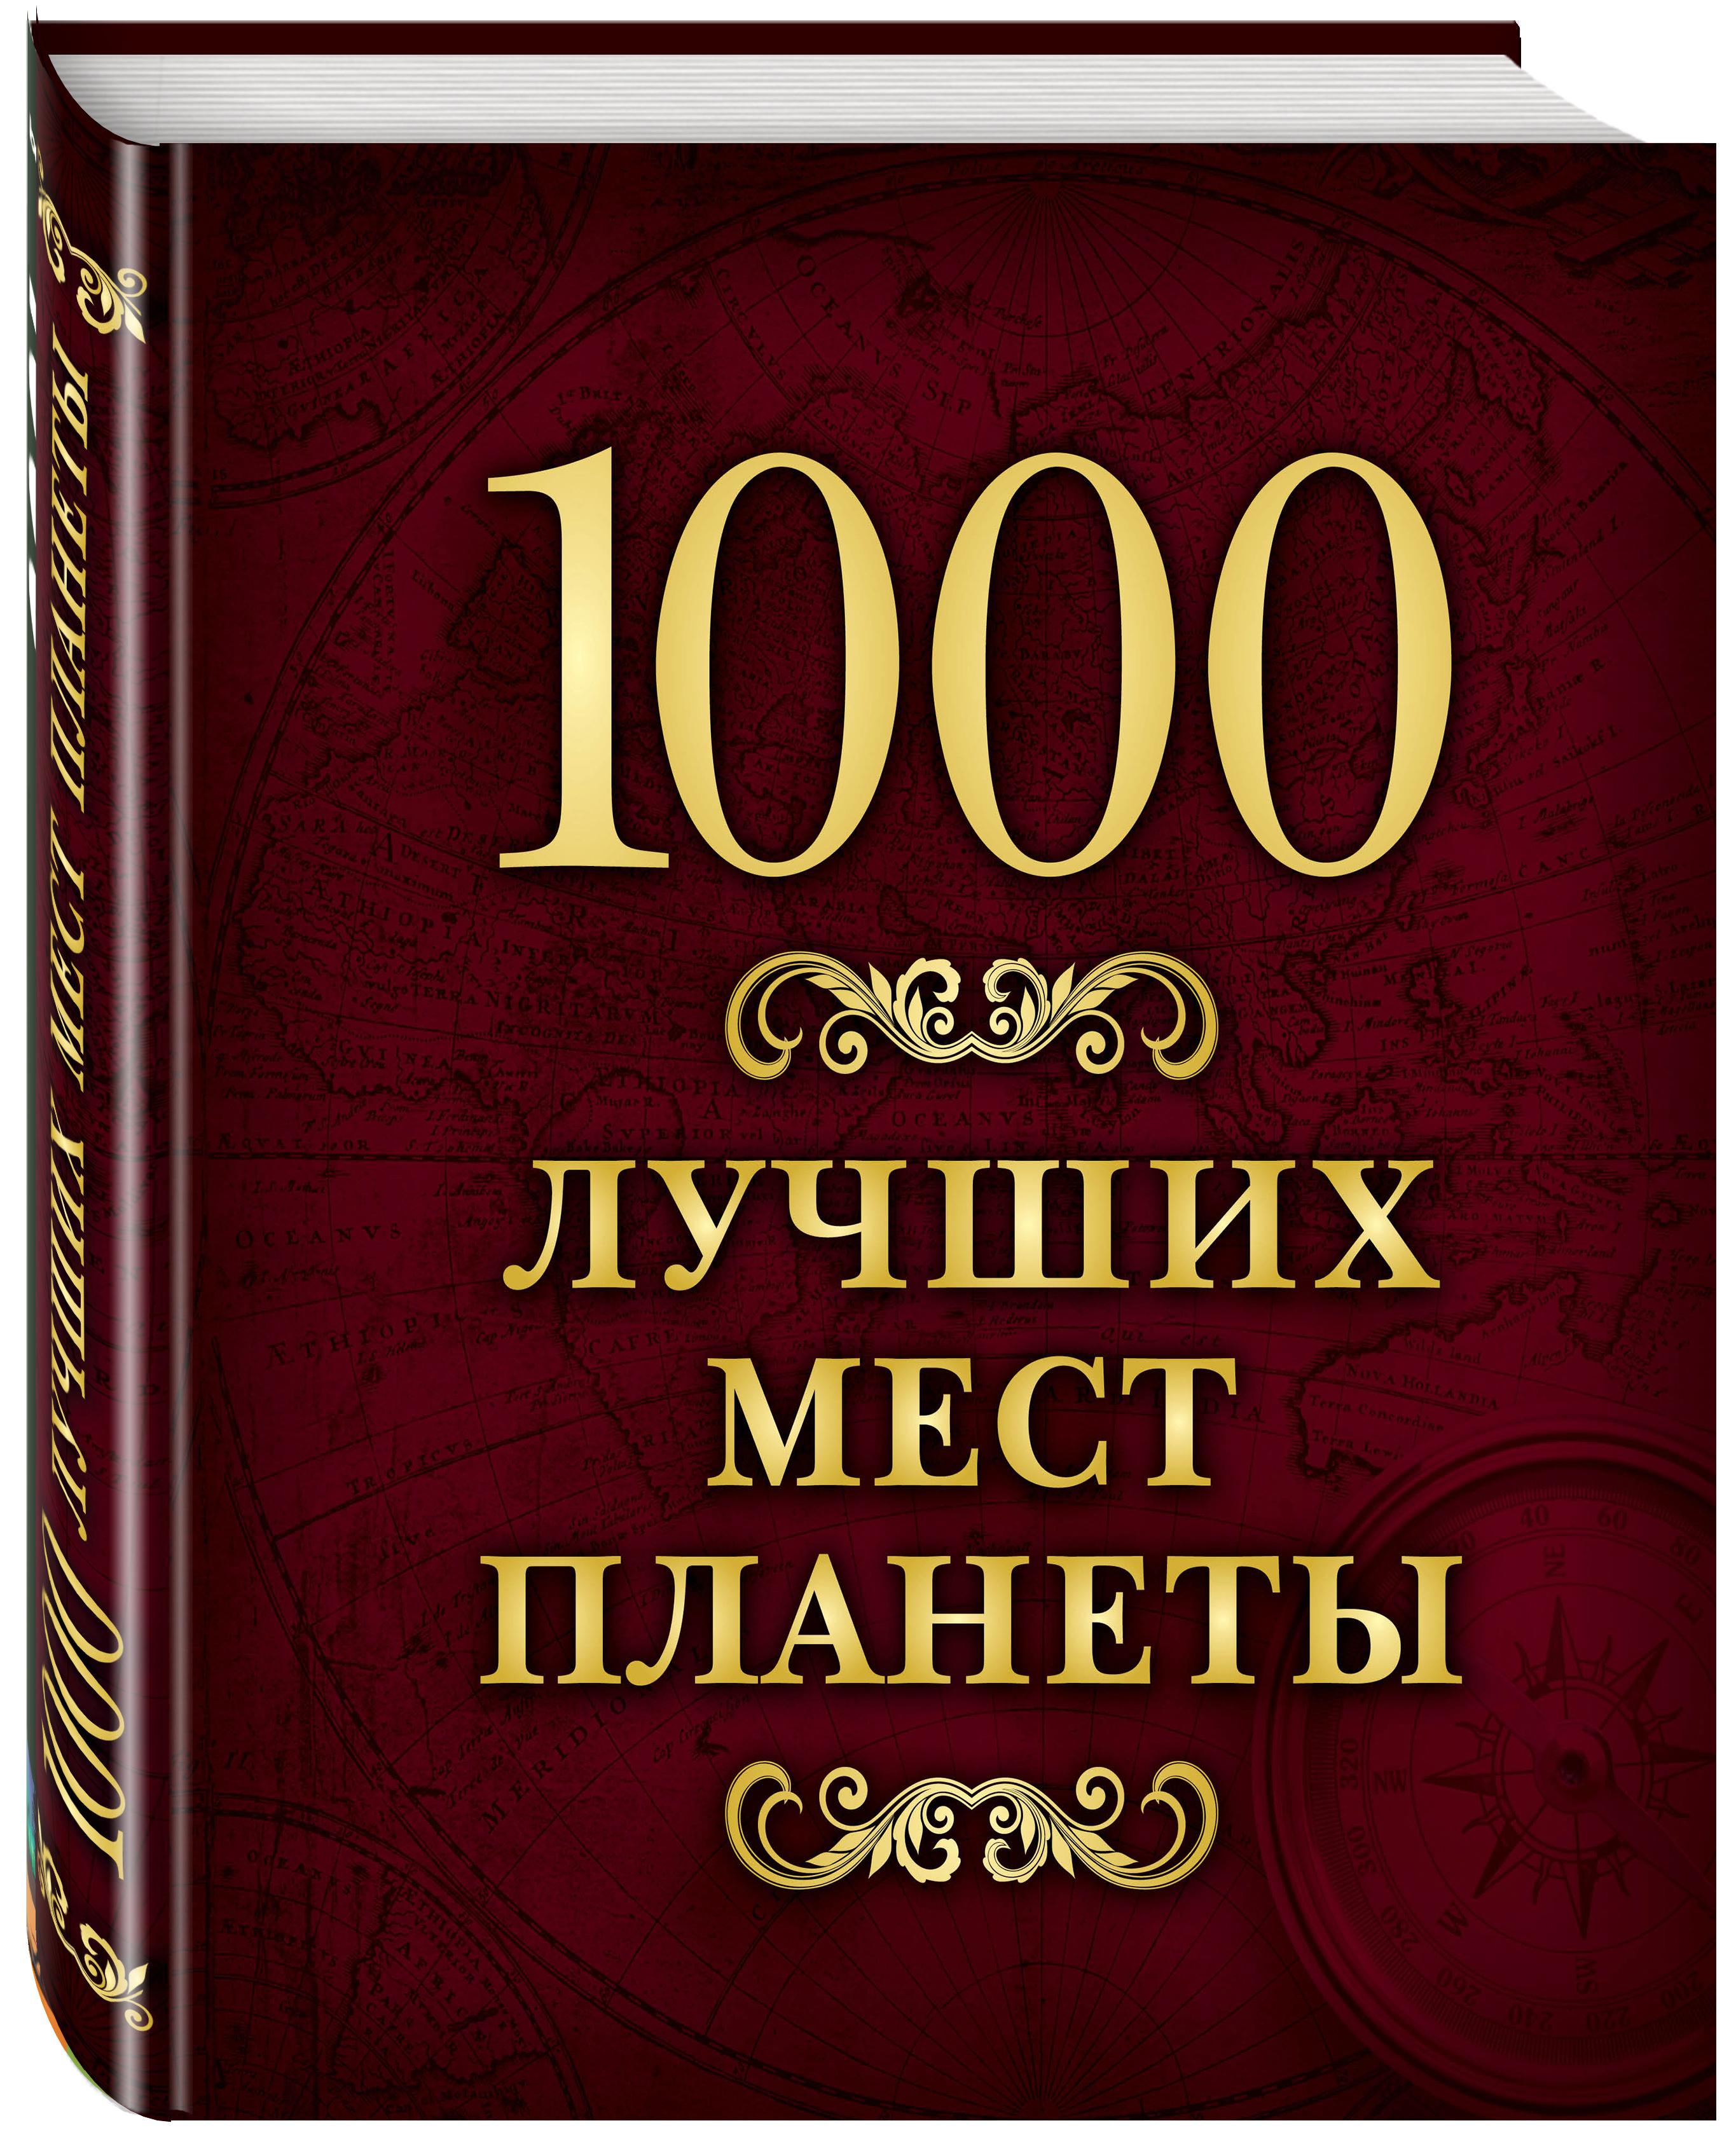 1000 лучших мест планеты (в коробе) 1000 лучших мест планеты стерео варио